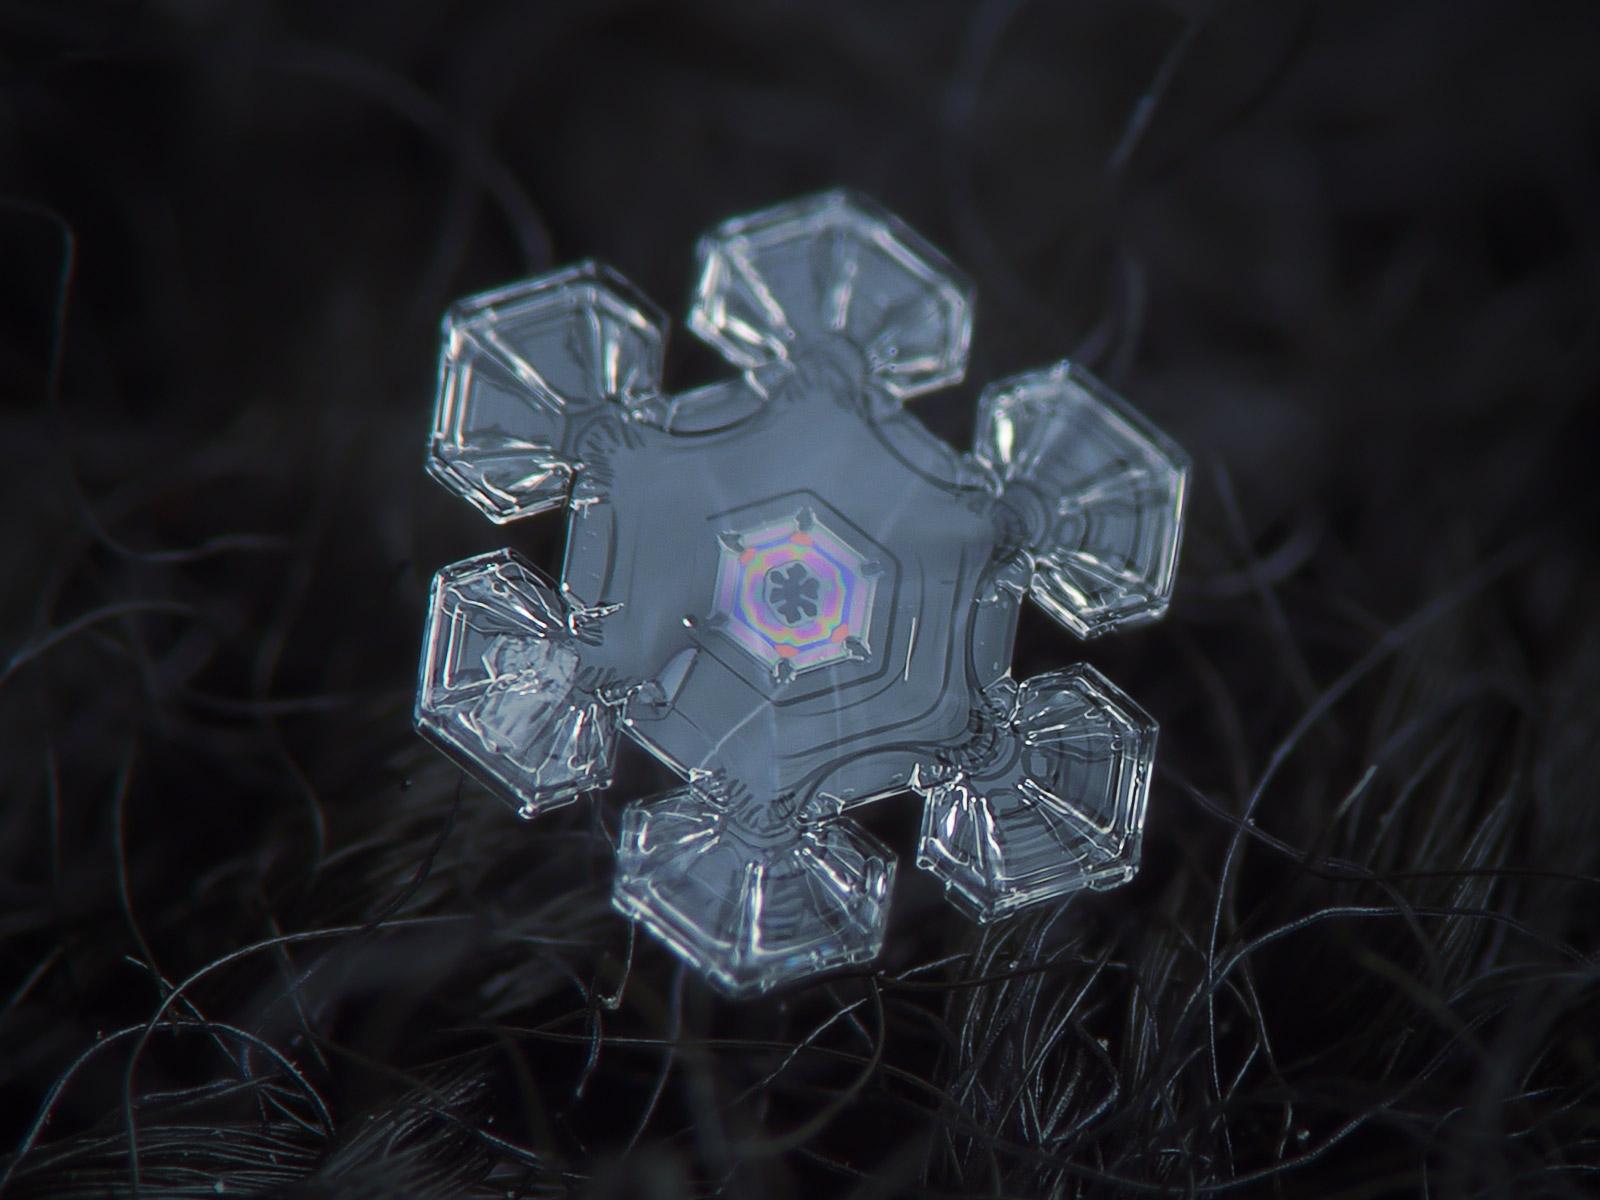 magnified-snowflakes-alexey-kljatov-04